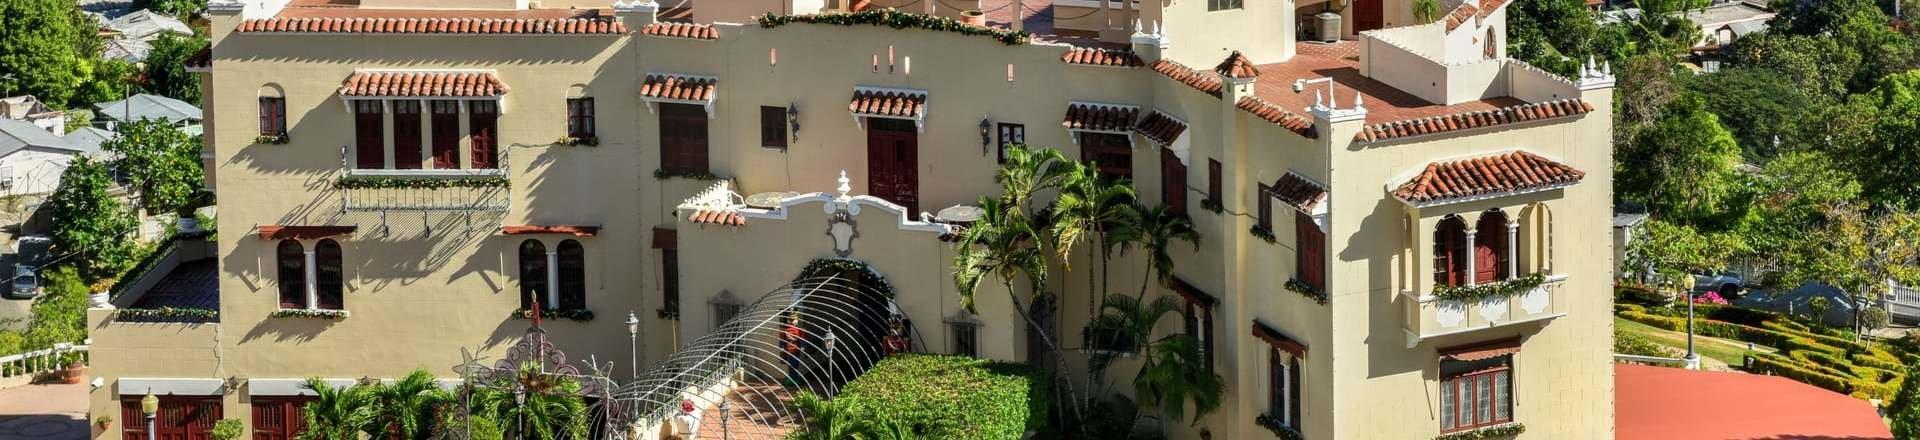 Hoteles en ponce baratos desde 2 139 destinia - Hoteles en ponce puerto rico ...